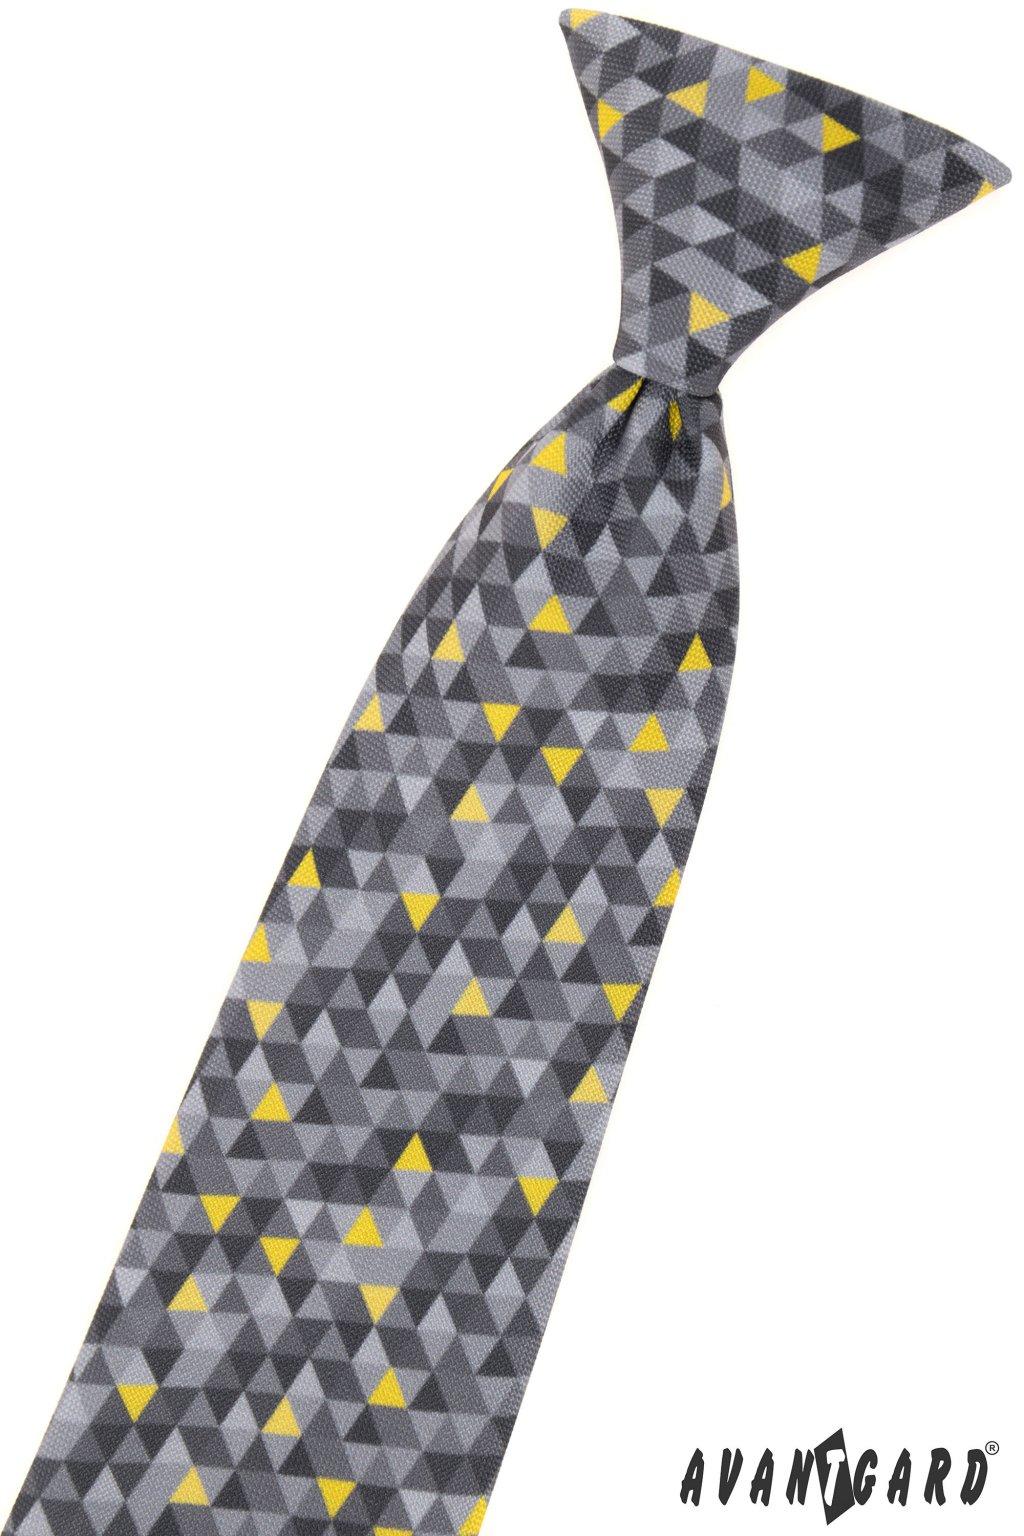 Chlapecká kravata šedá/žlutá, barva roku 2021 548 - 2021